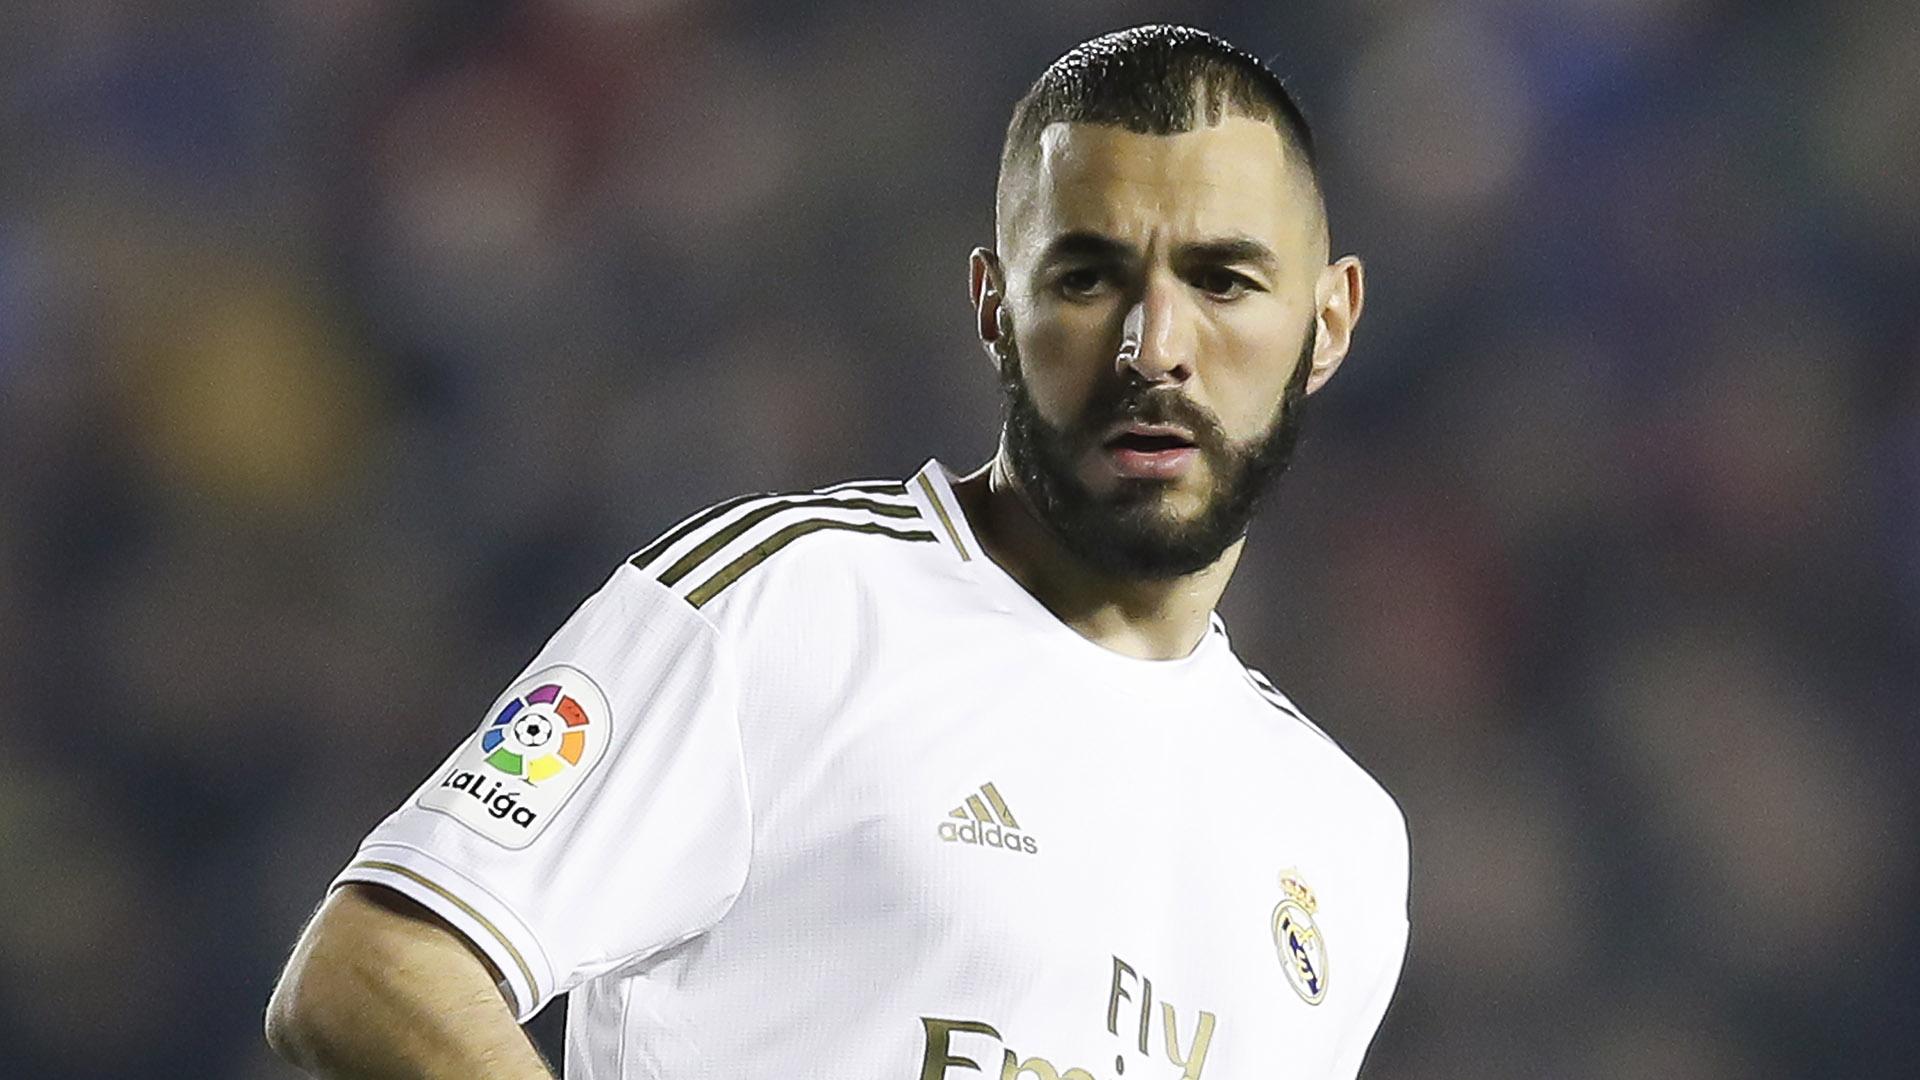 L'agent de Karim Benzema affirme que son joueur a prolongé au Real Madrid